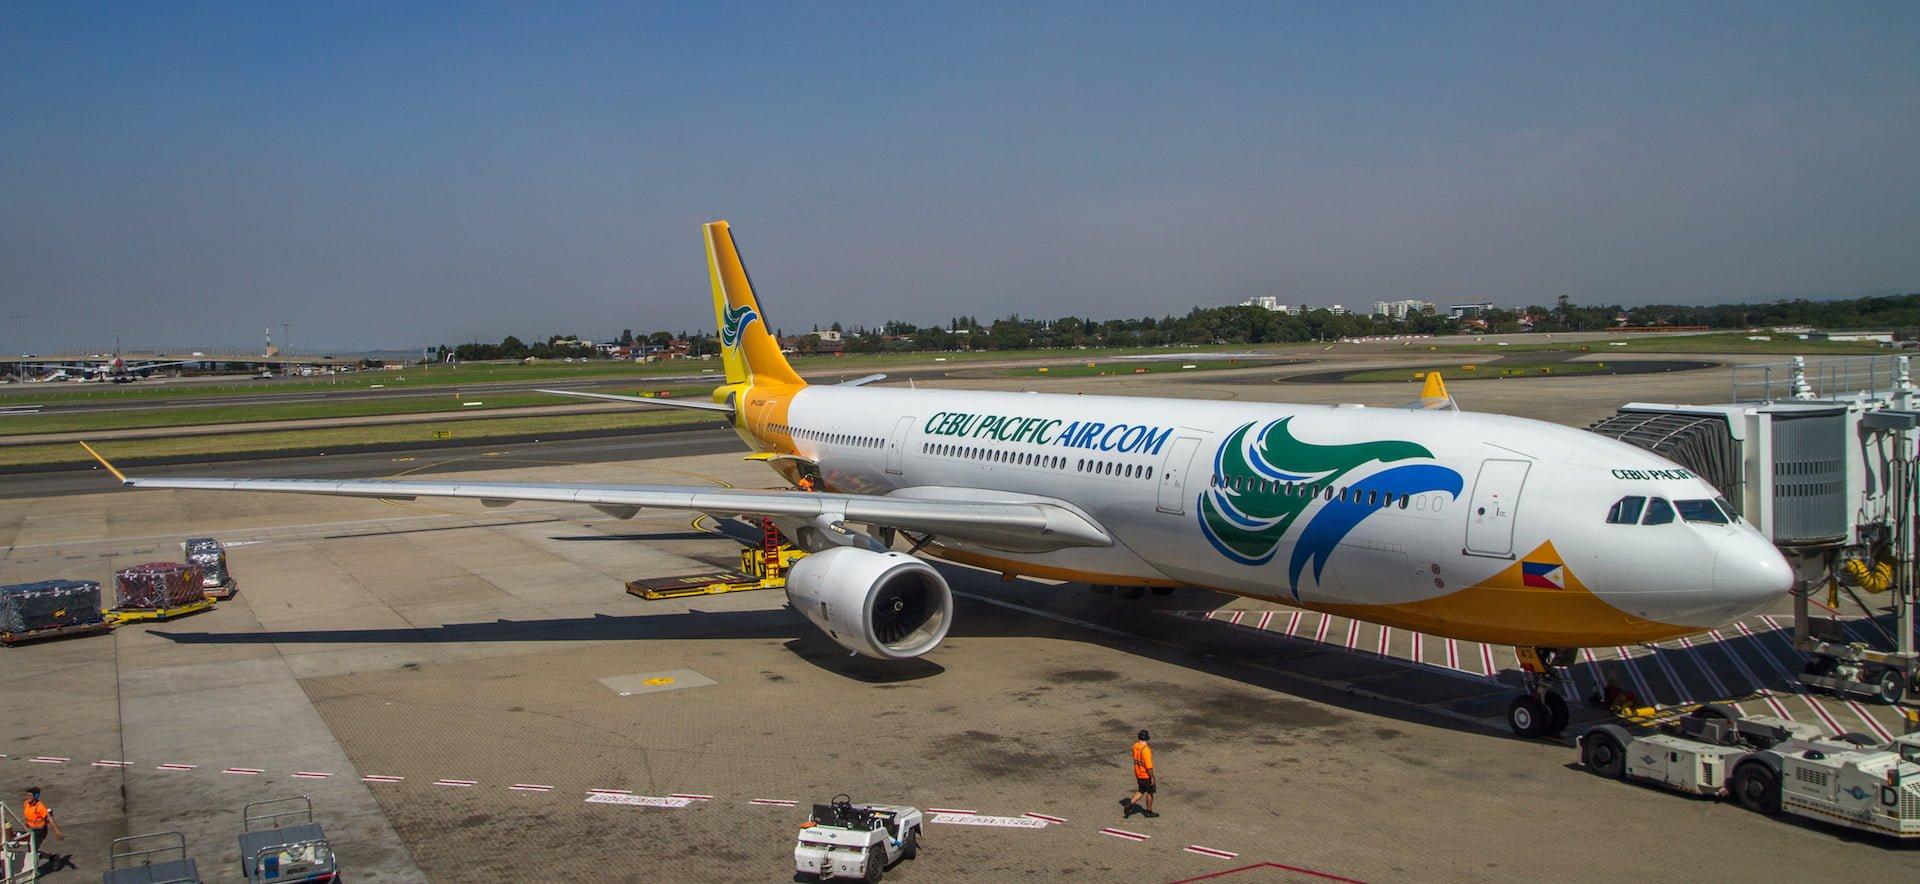 宿霧太平洋航空 3 月菲律賓馬尼拉機票 828 元